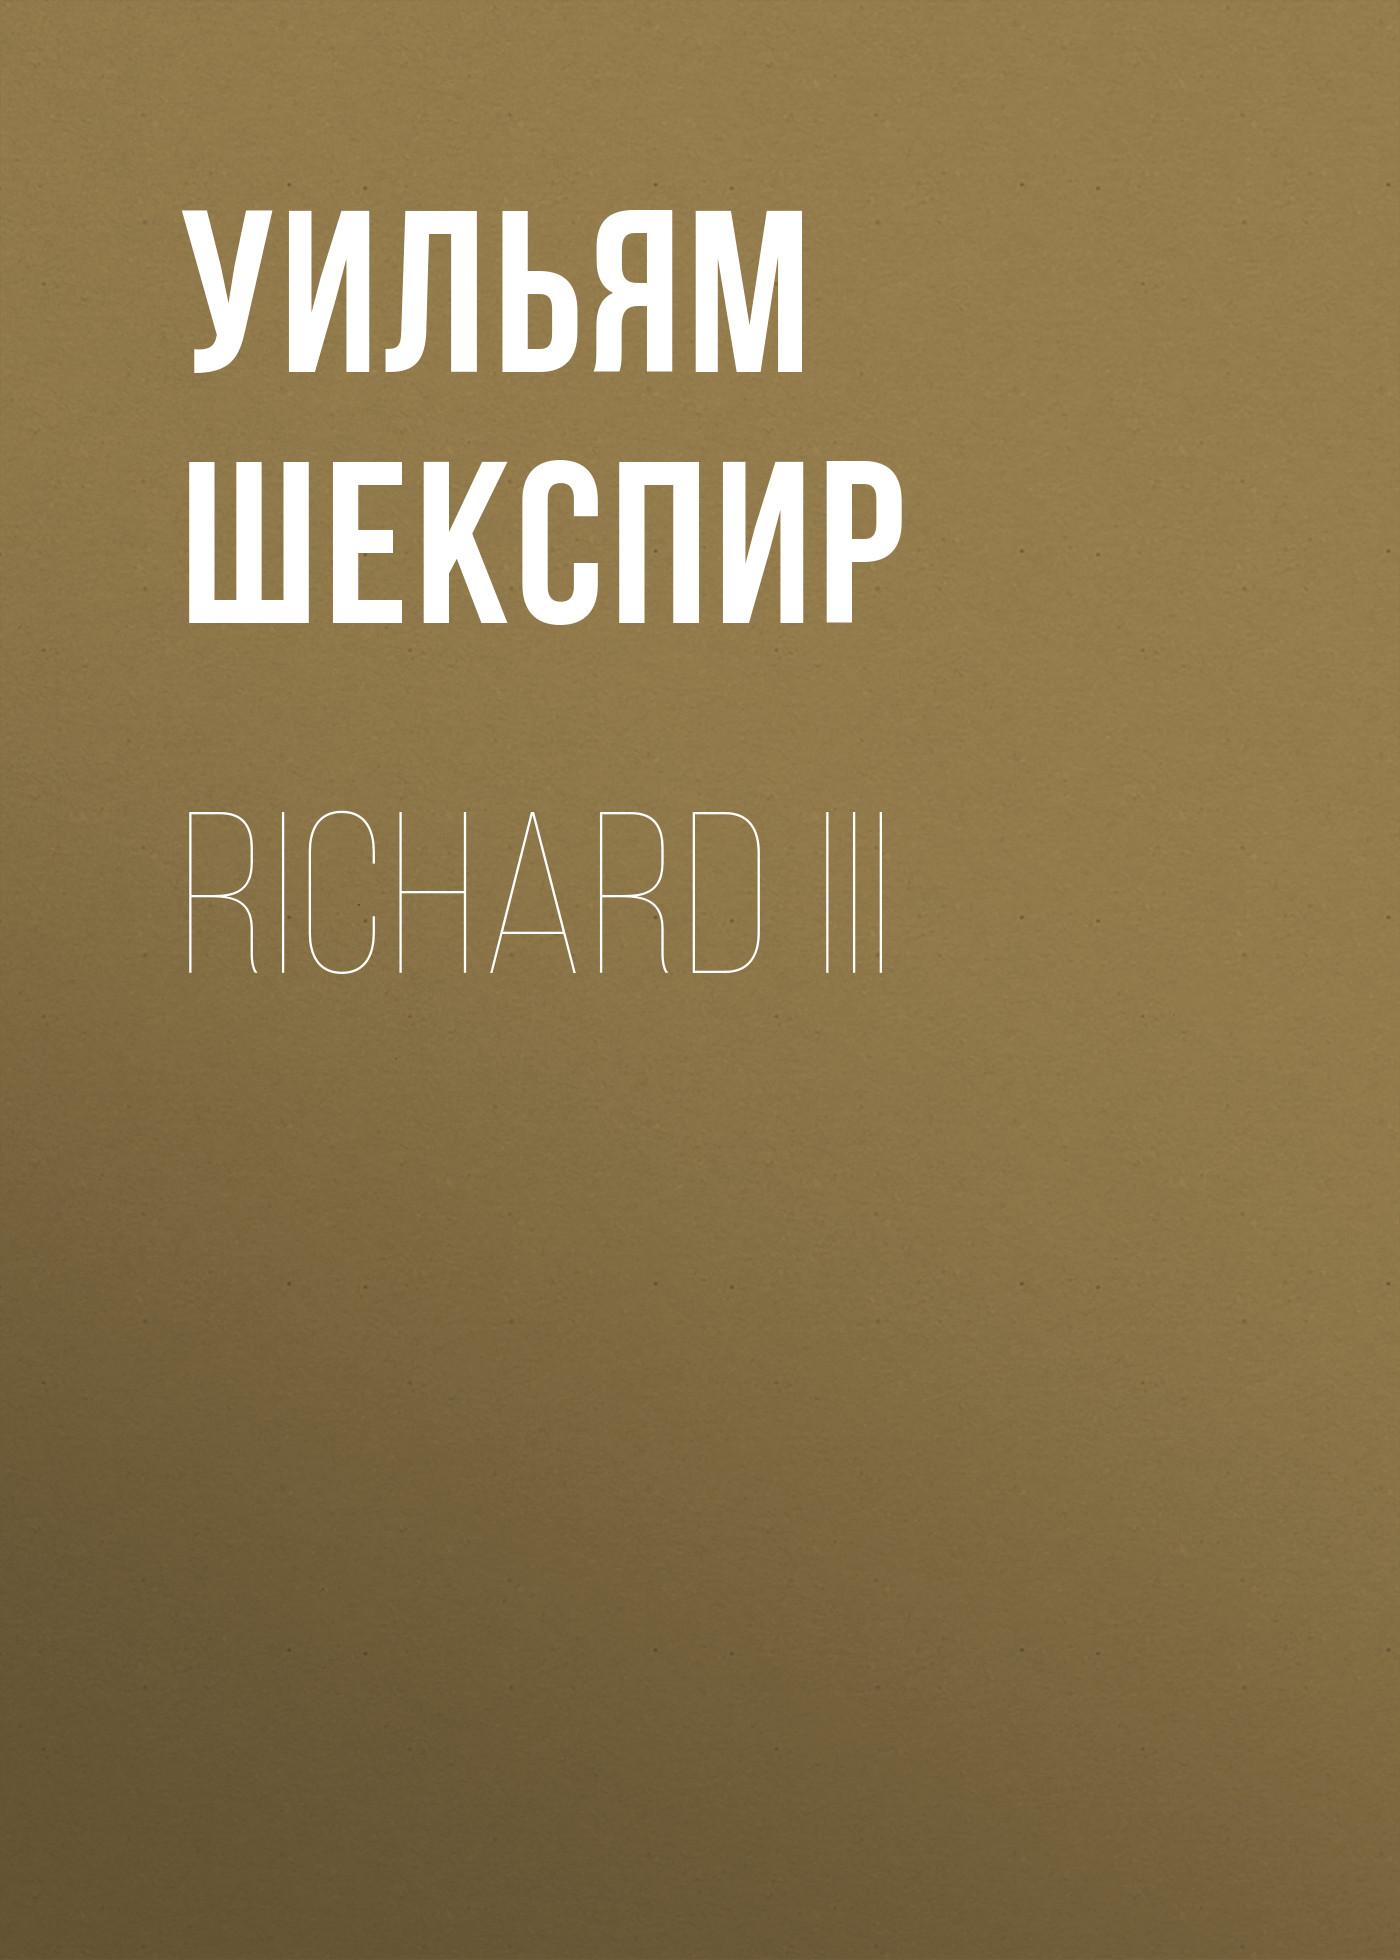 Уильям Шекспир Richard III уильям шекспир уильям шекспир трагедии